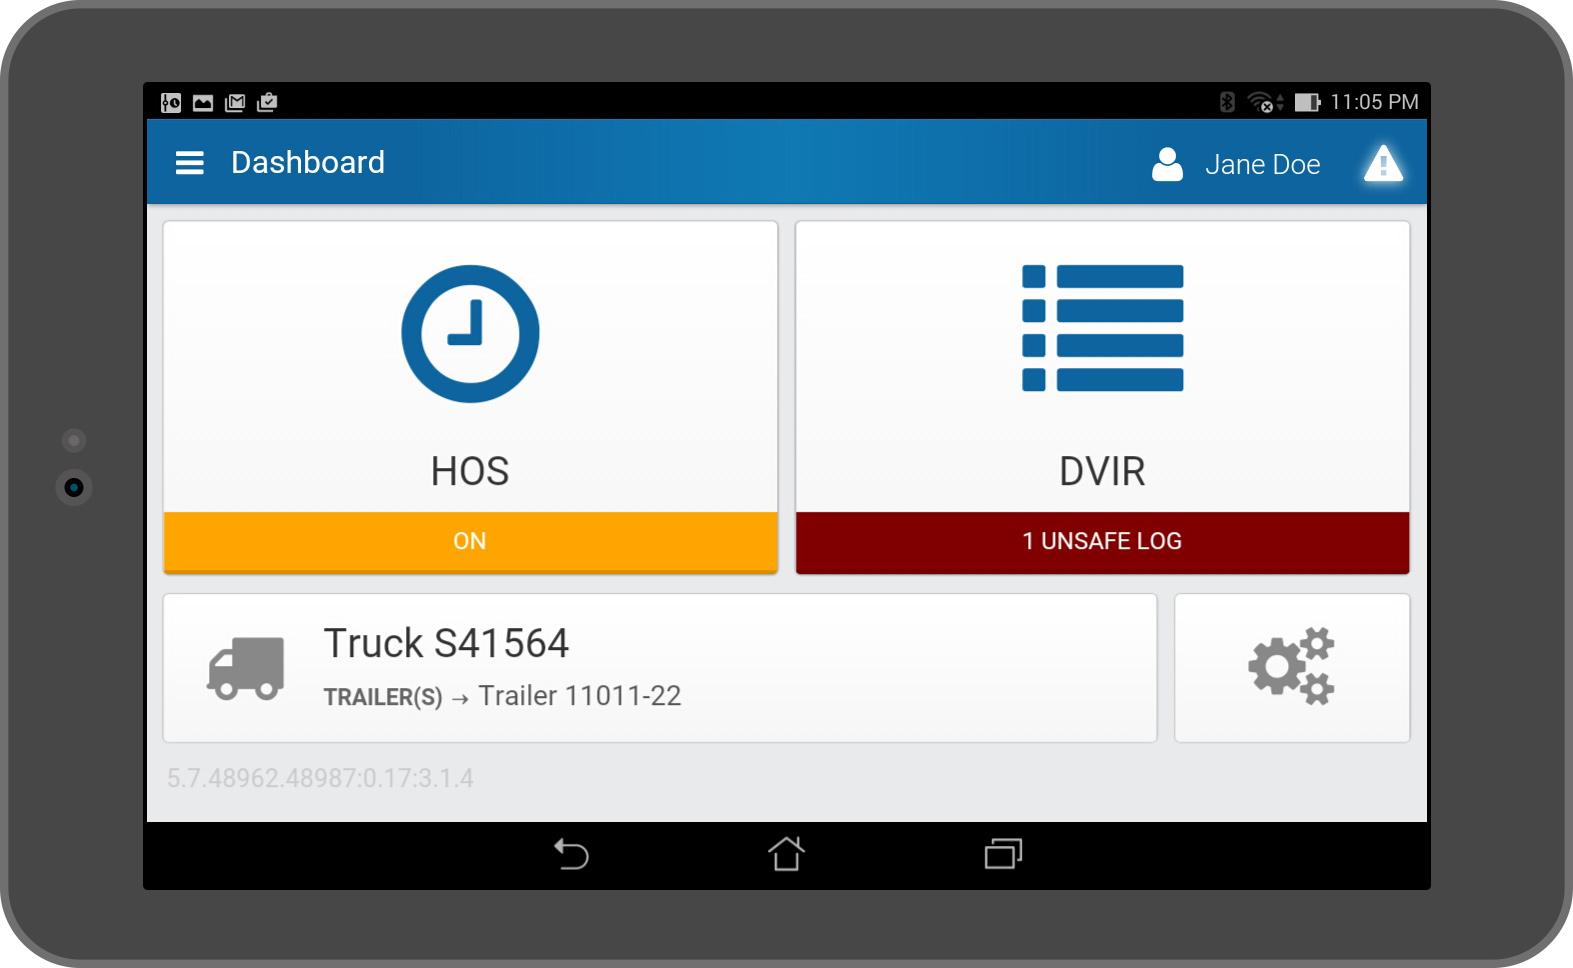 Reporte sobre inspección de conductor de vehículo (DVIR)